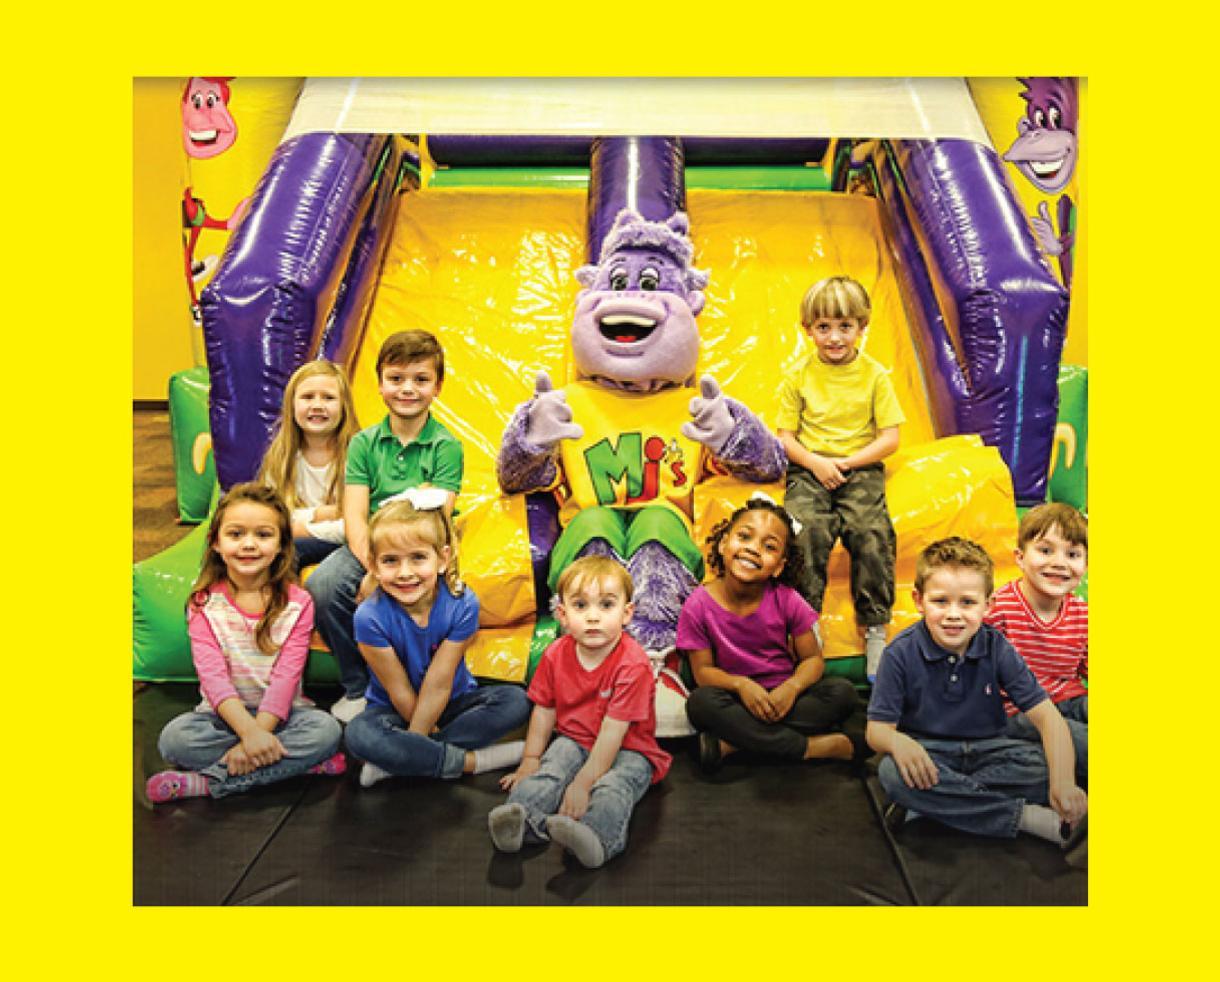 Monkey Joe's Play Center Birthday Party